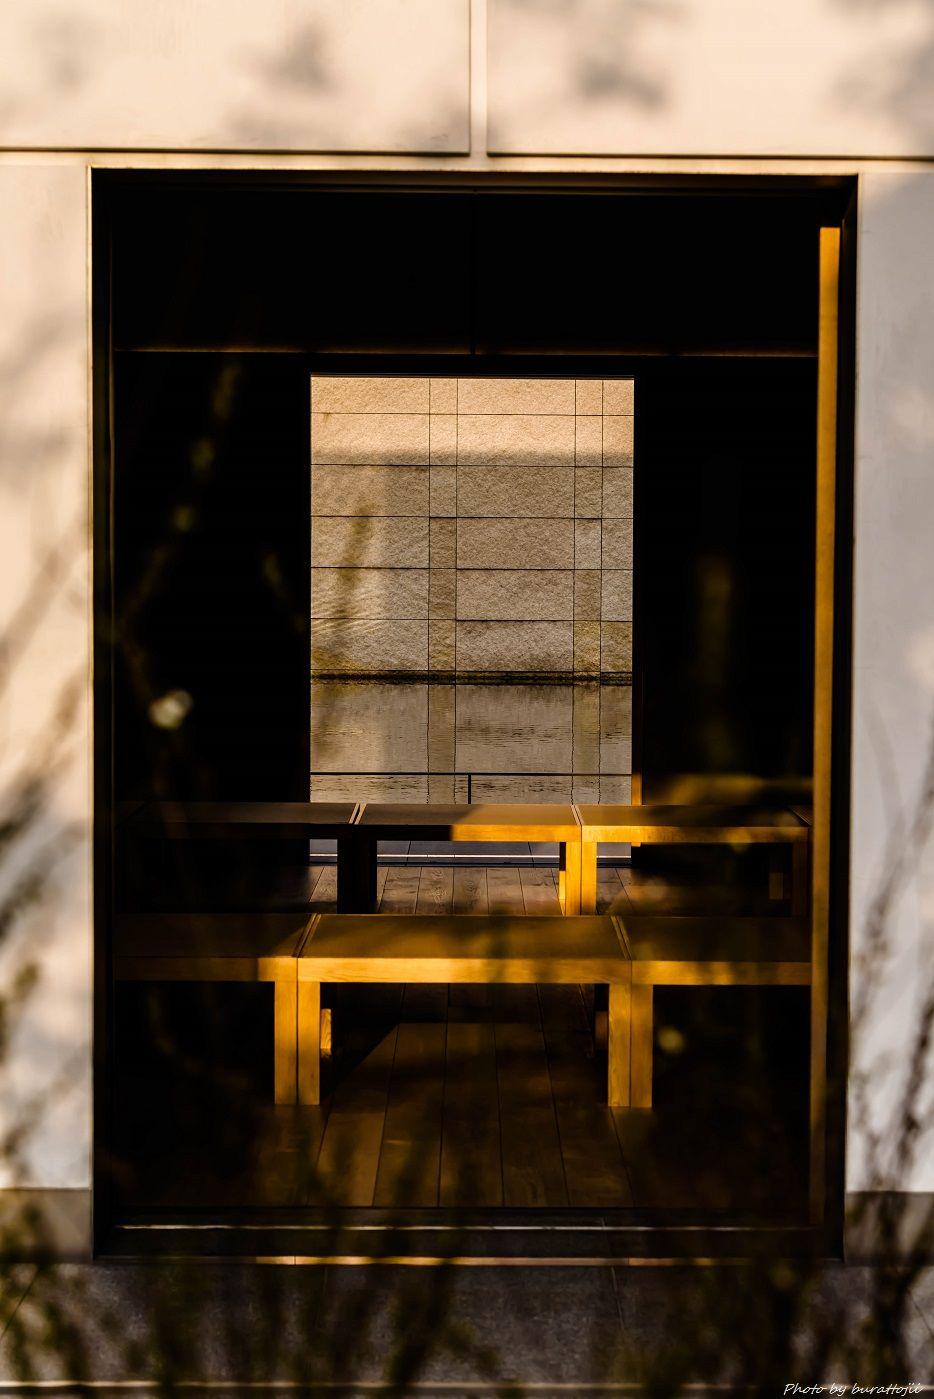 2015.03.15鈴木大拙館ライトアップ5